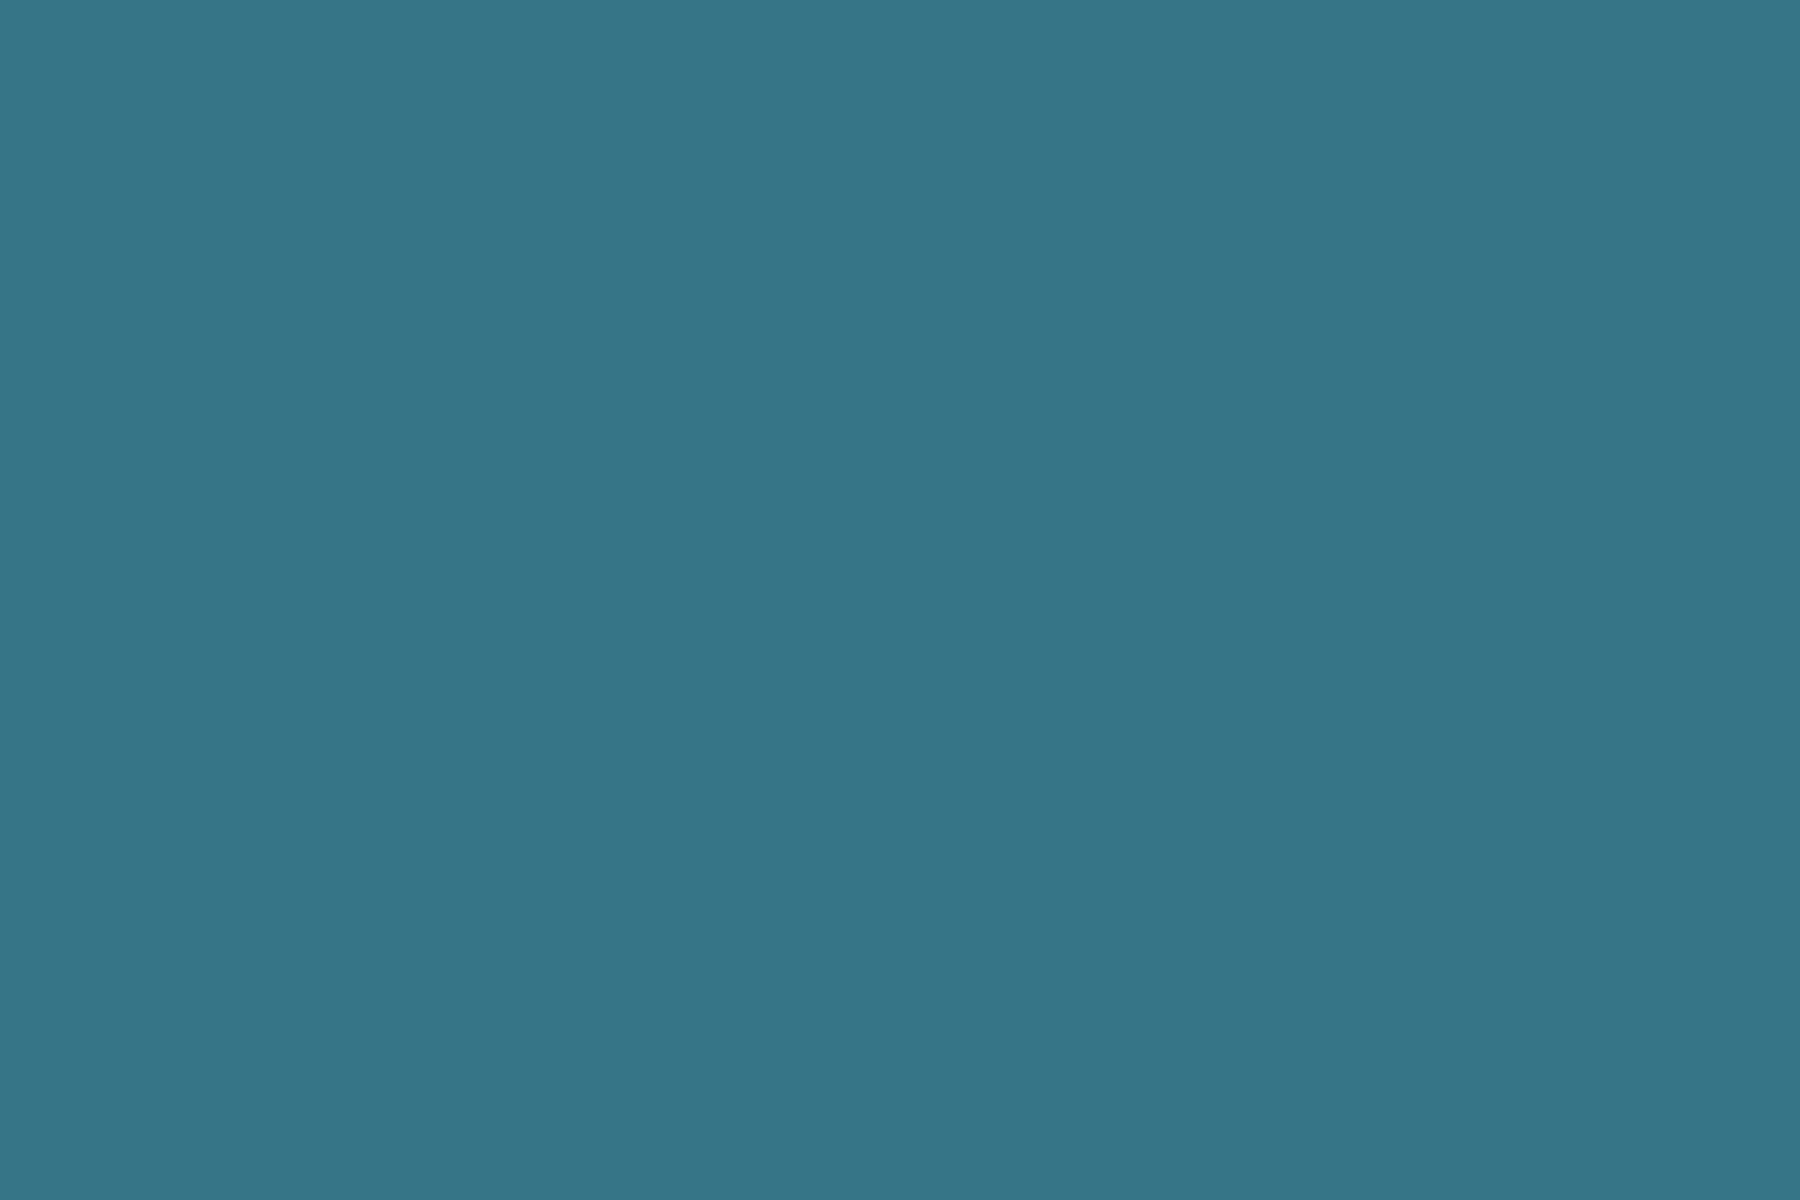 Cropped 25601440 Teal Blue Solid Color Backgroundjpg Ezscrpt